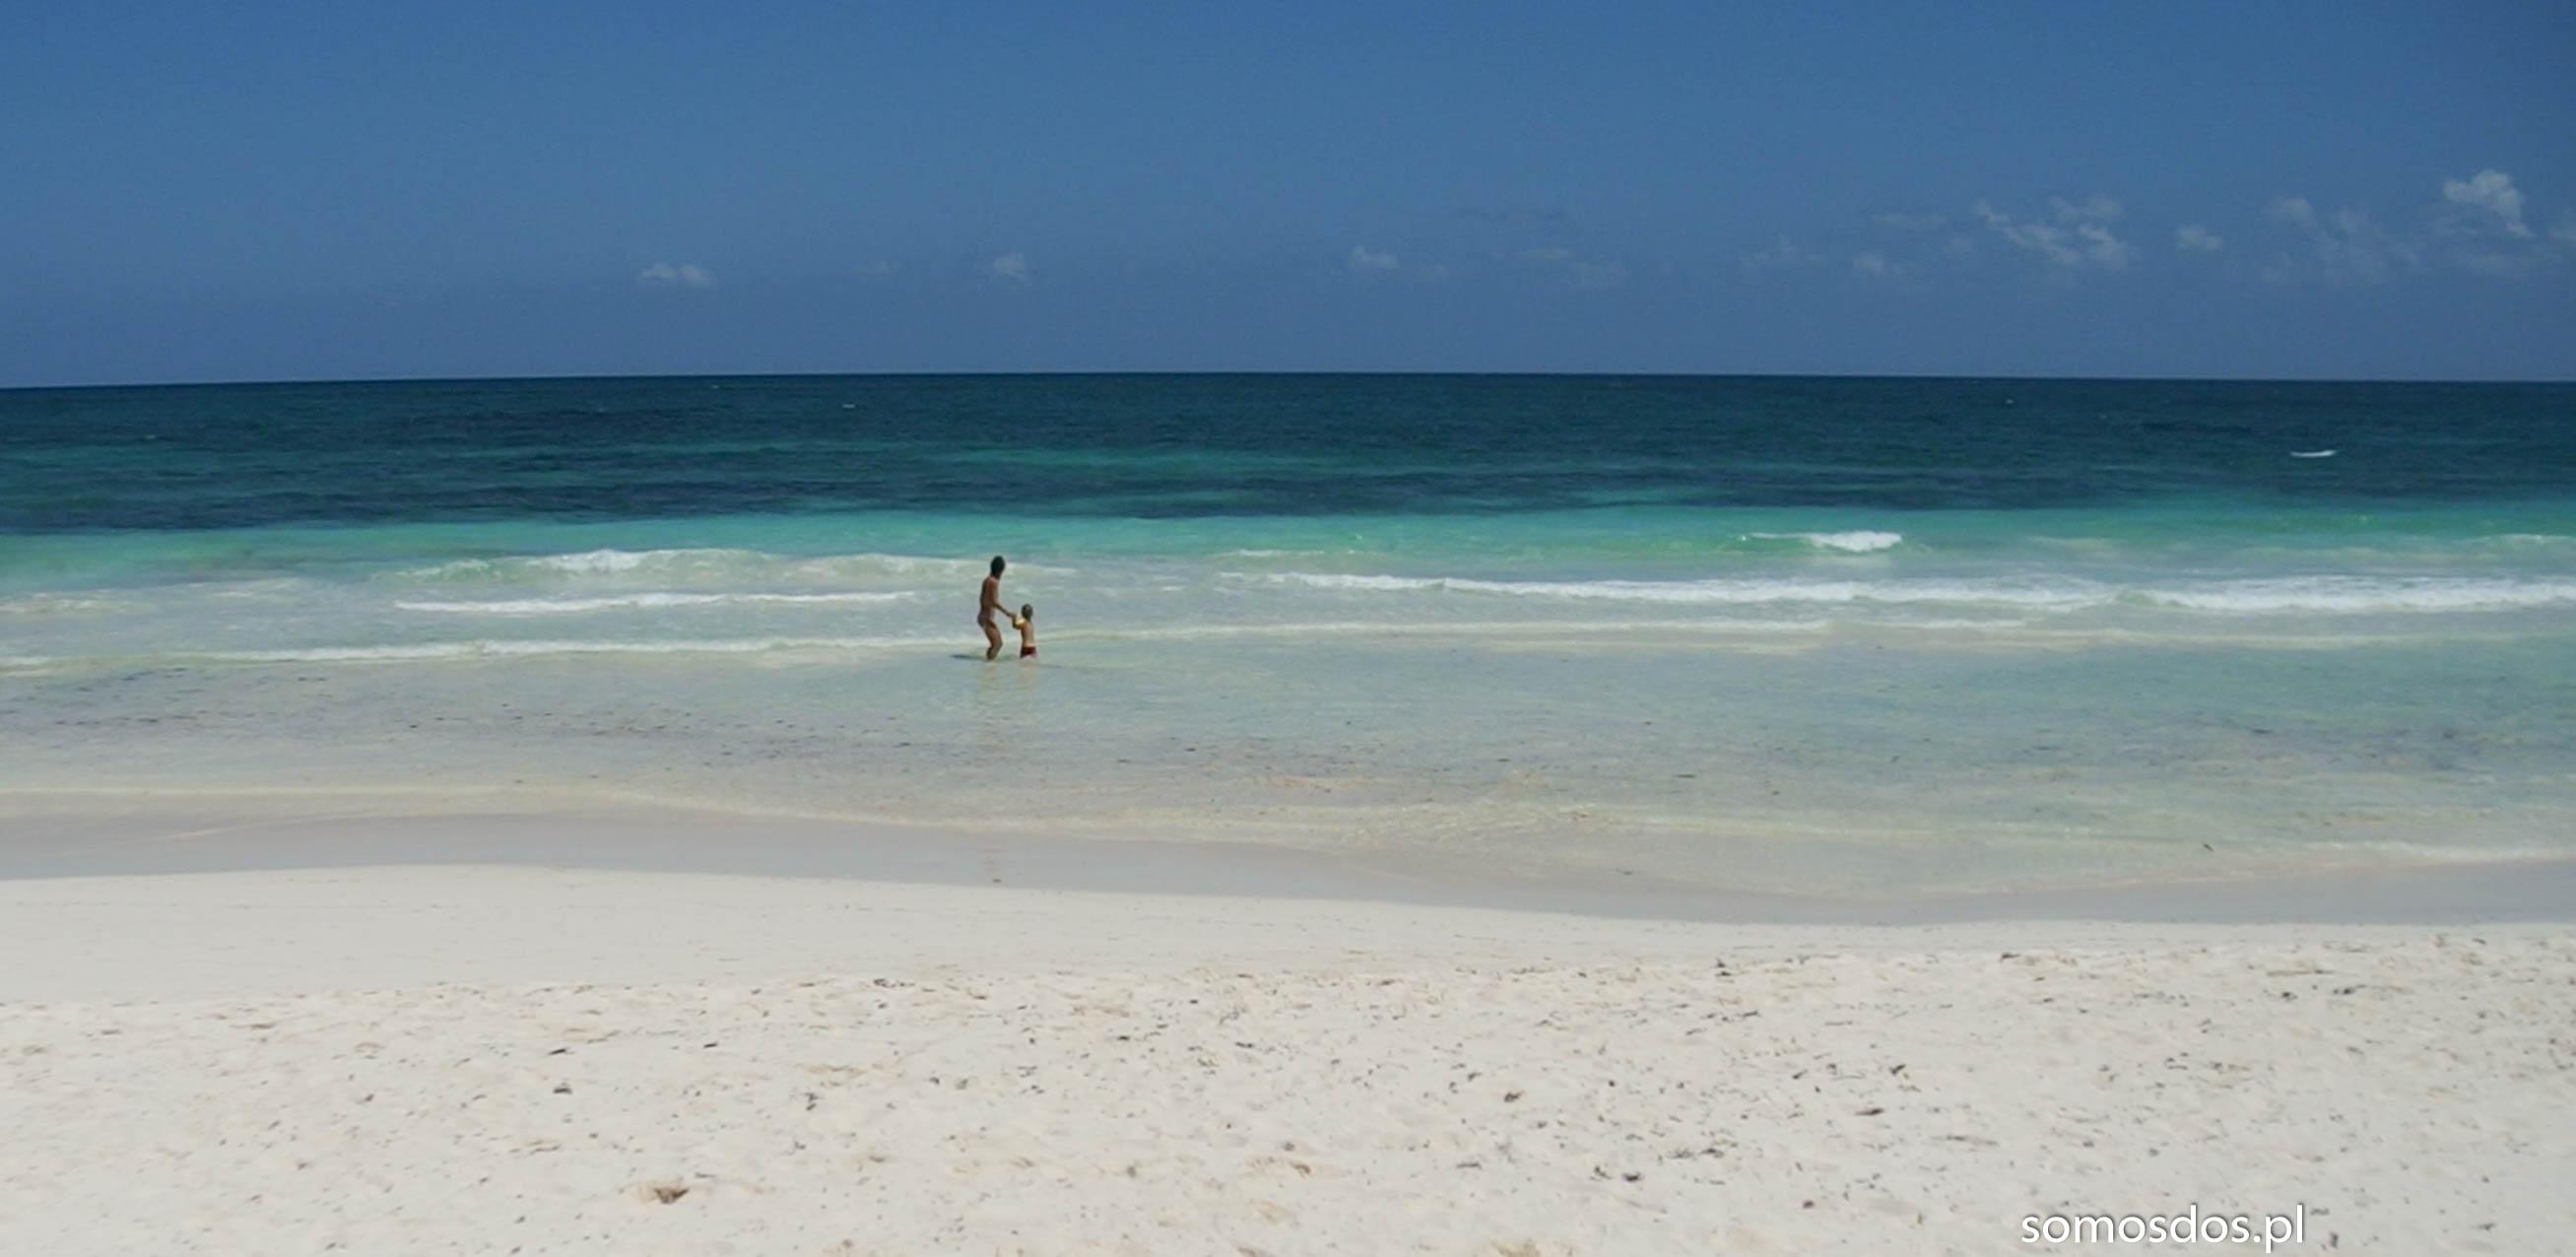 Meksyk. Kąpiel w morzu.